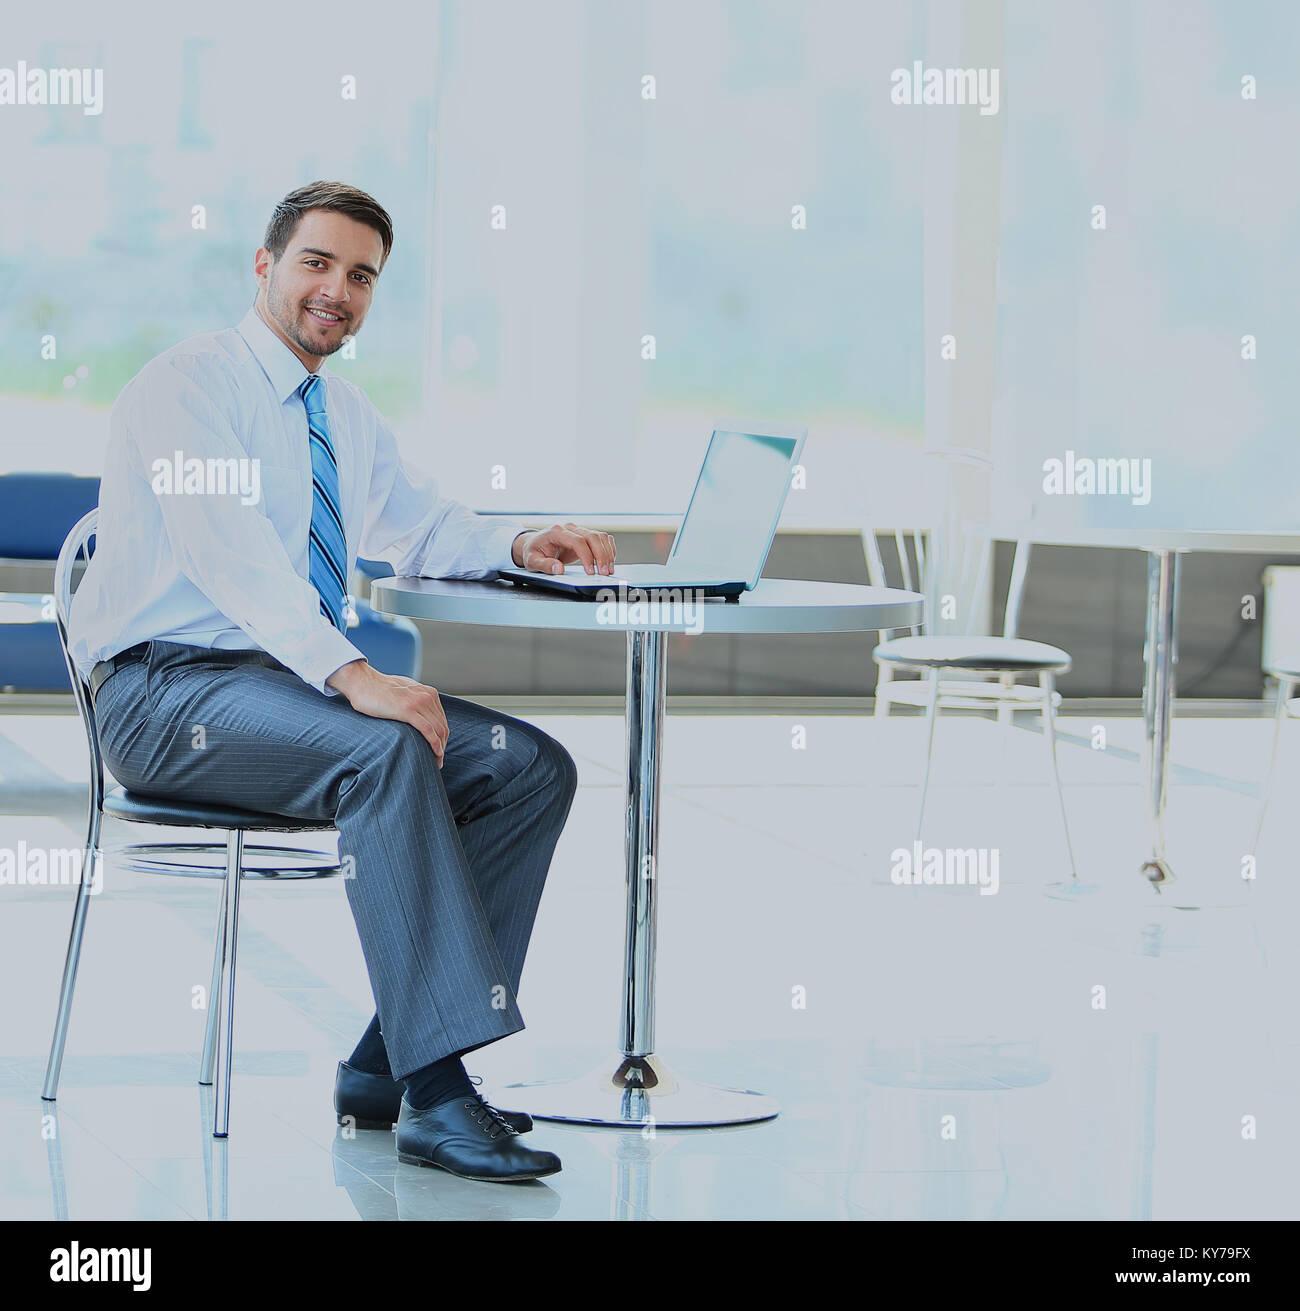 Retrato de administrador ocupado escribiendo en el portátil en la oficina. Foto de stock